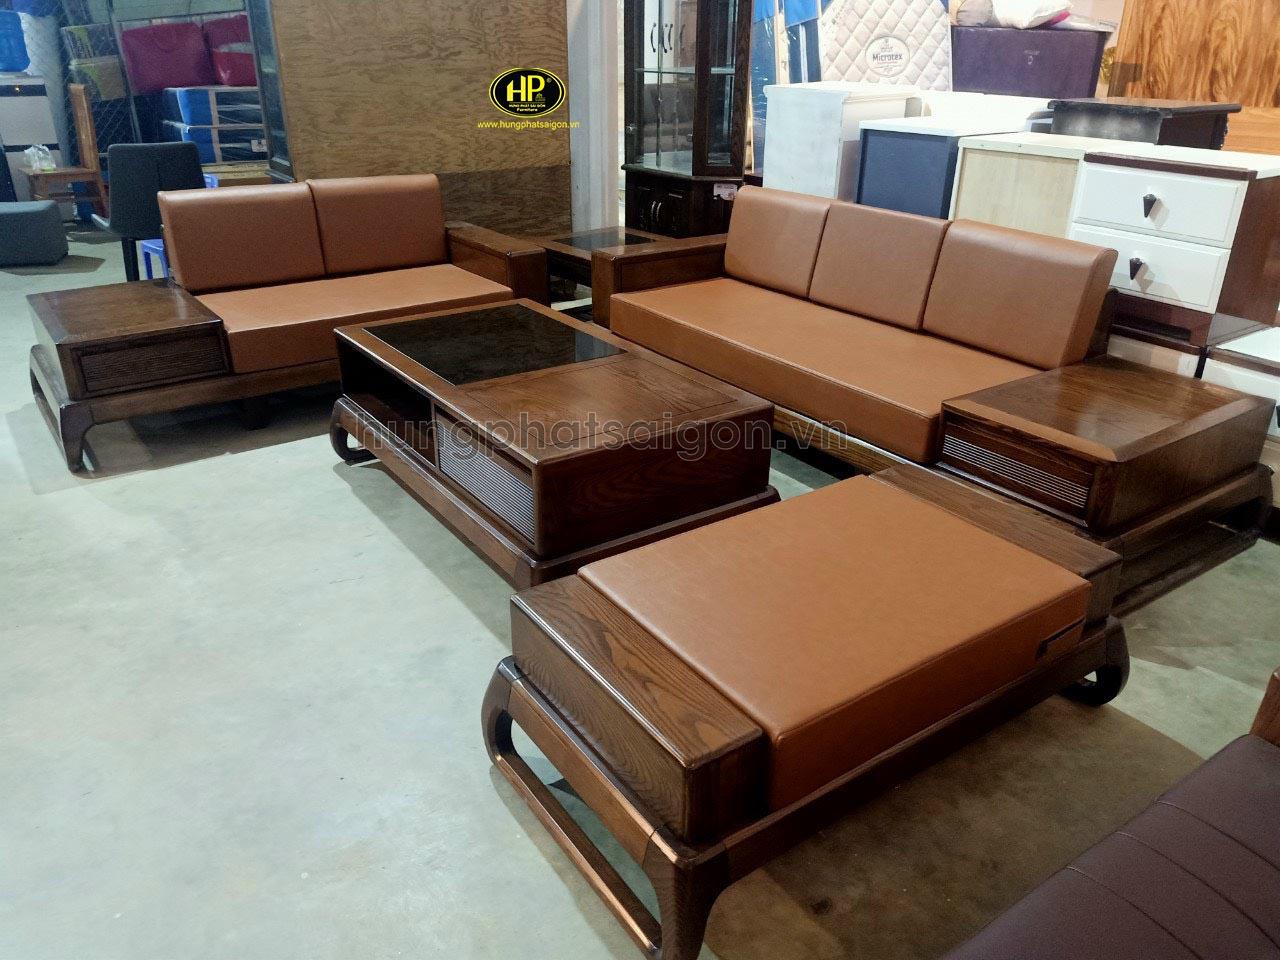 Bộ sofa gỗ sồi cao cấp HS-17